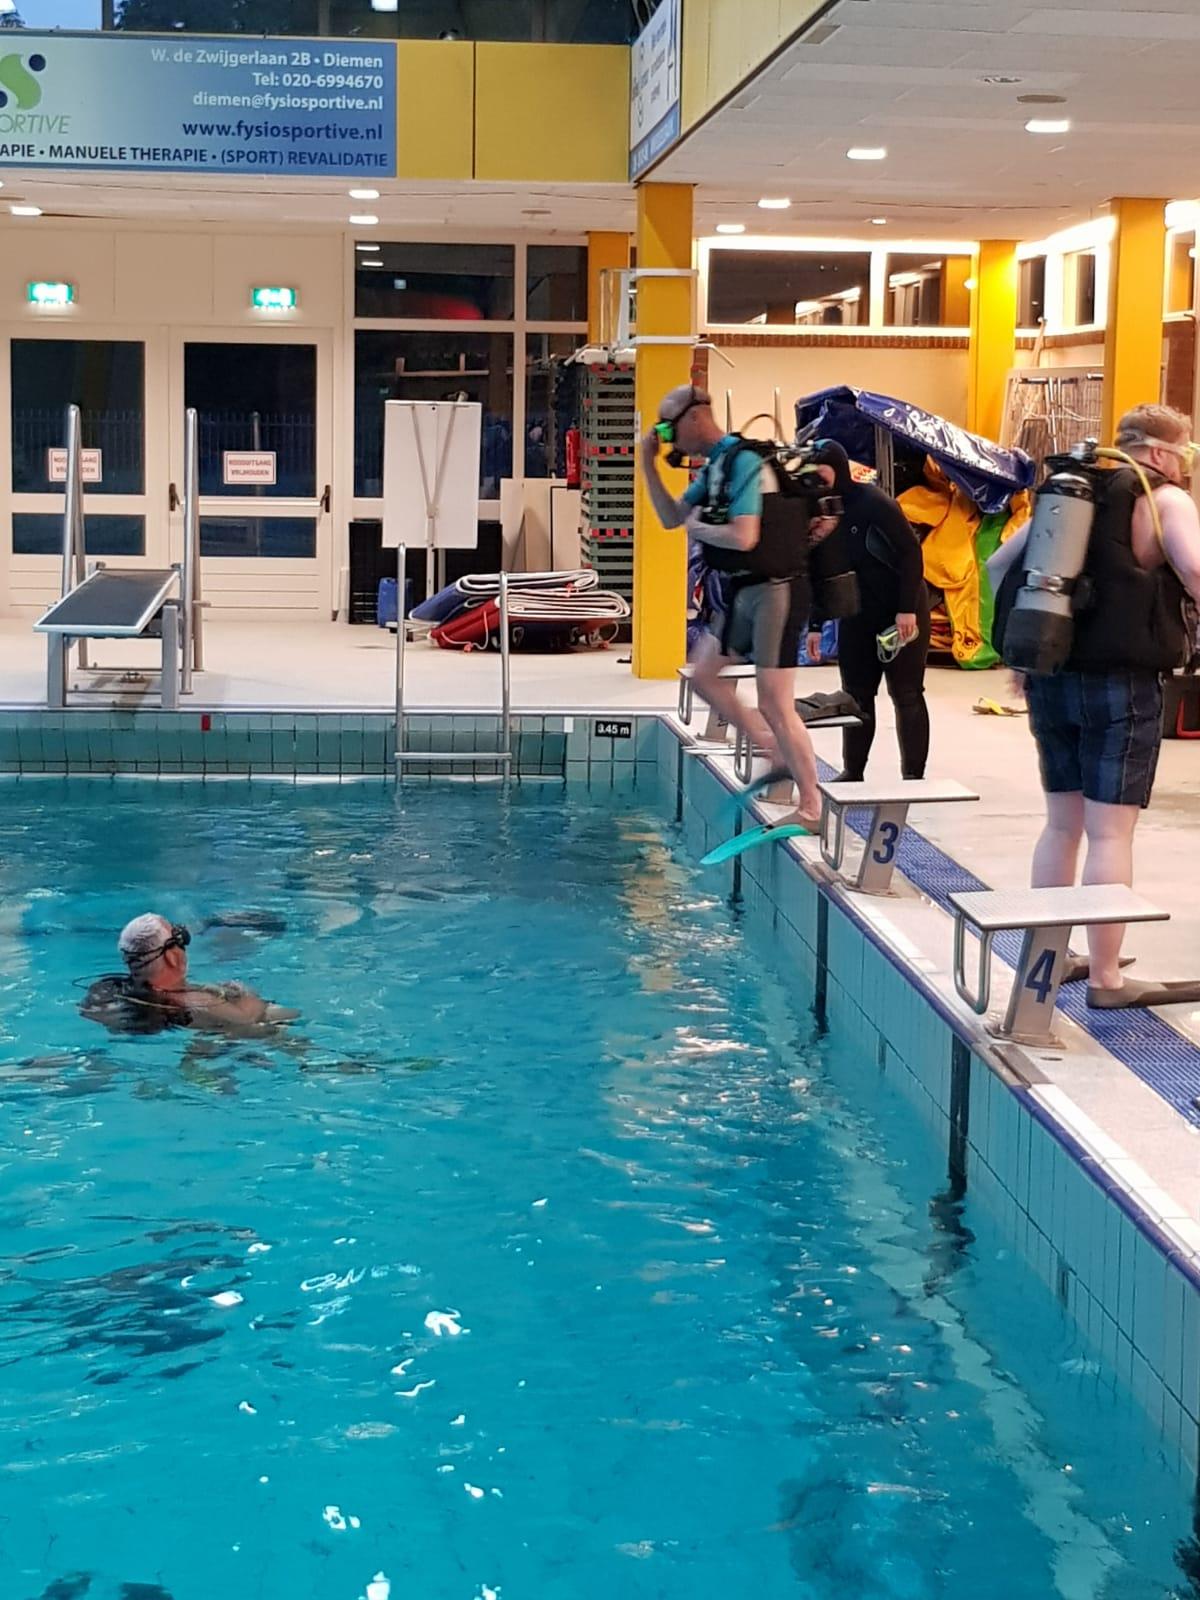 Perslucht In Het Zwembad Ovdiemen